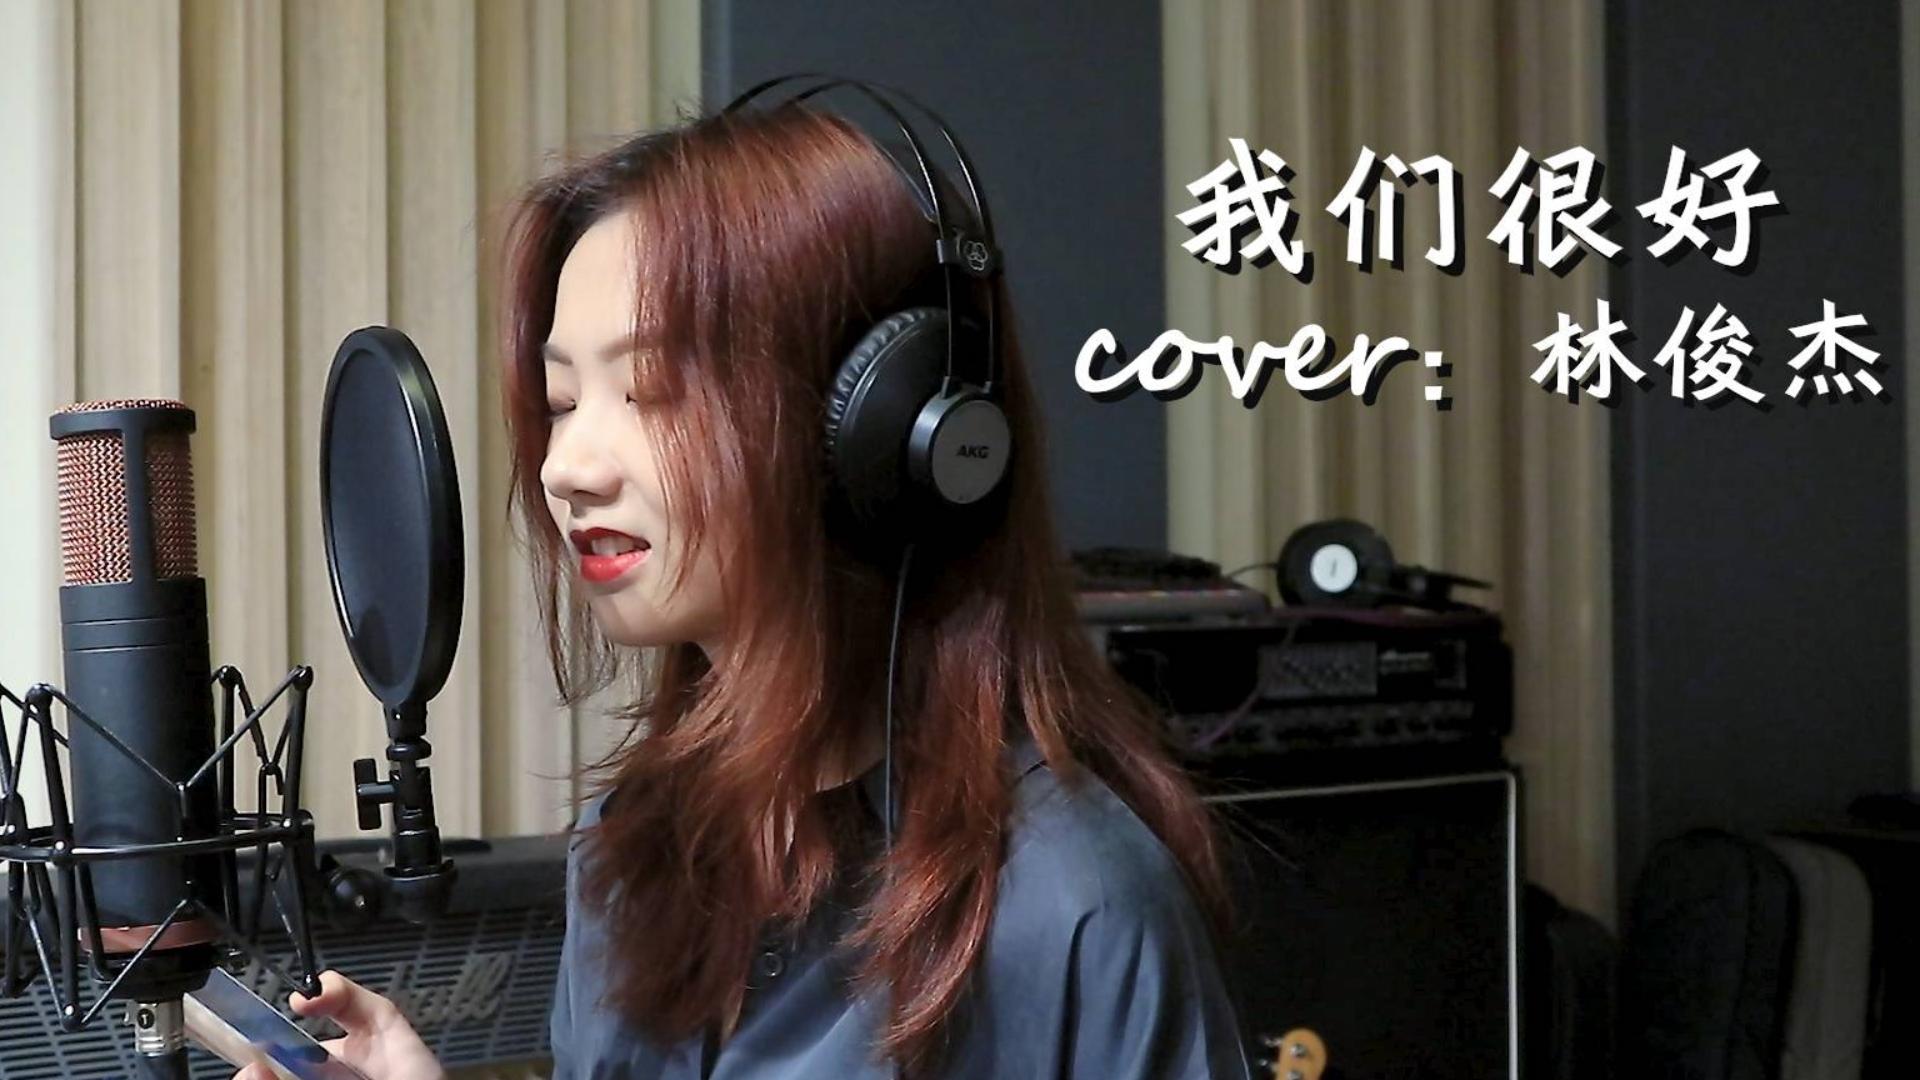 【邓园长】我们很好-《少年的你》主题曲|Cover:林俊杰